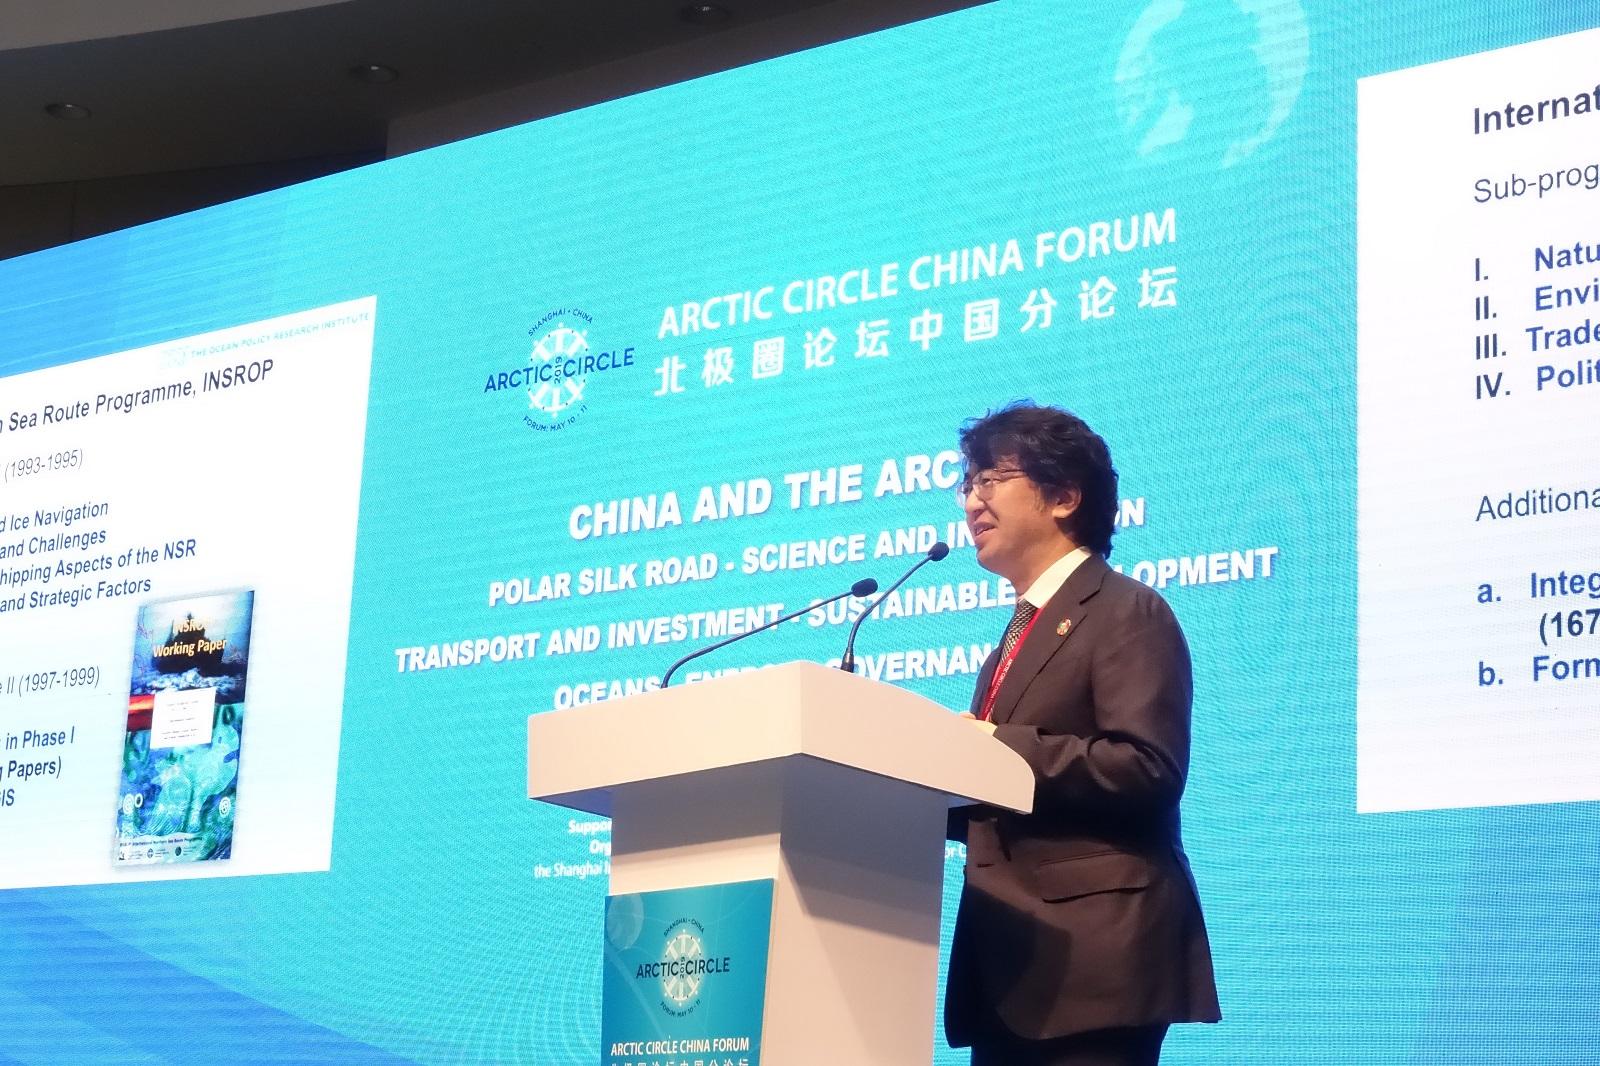 海洋政策研究所がArctic Circle China Forumに参加しました